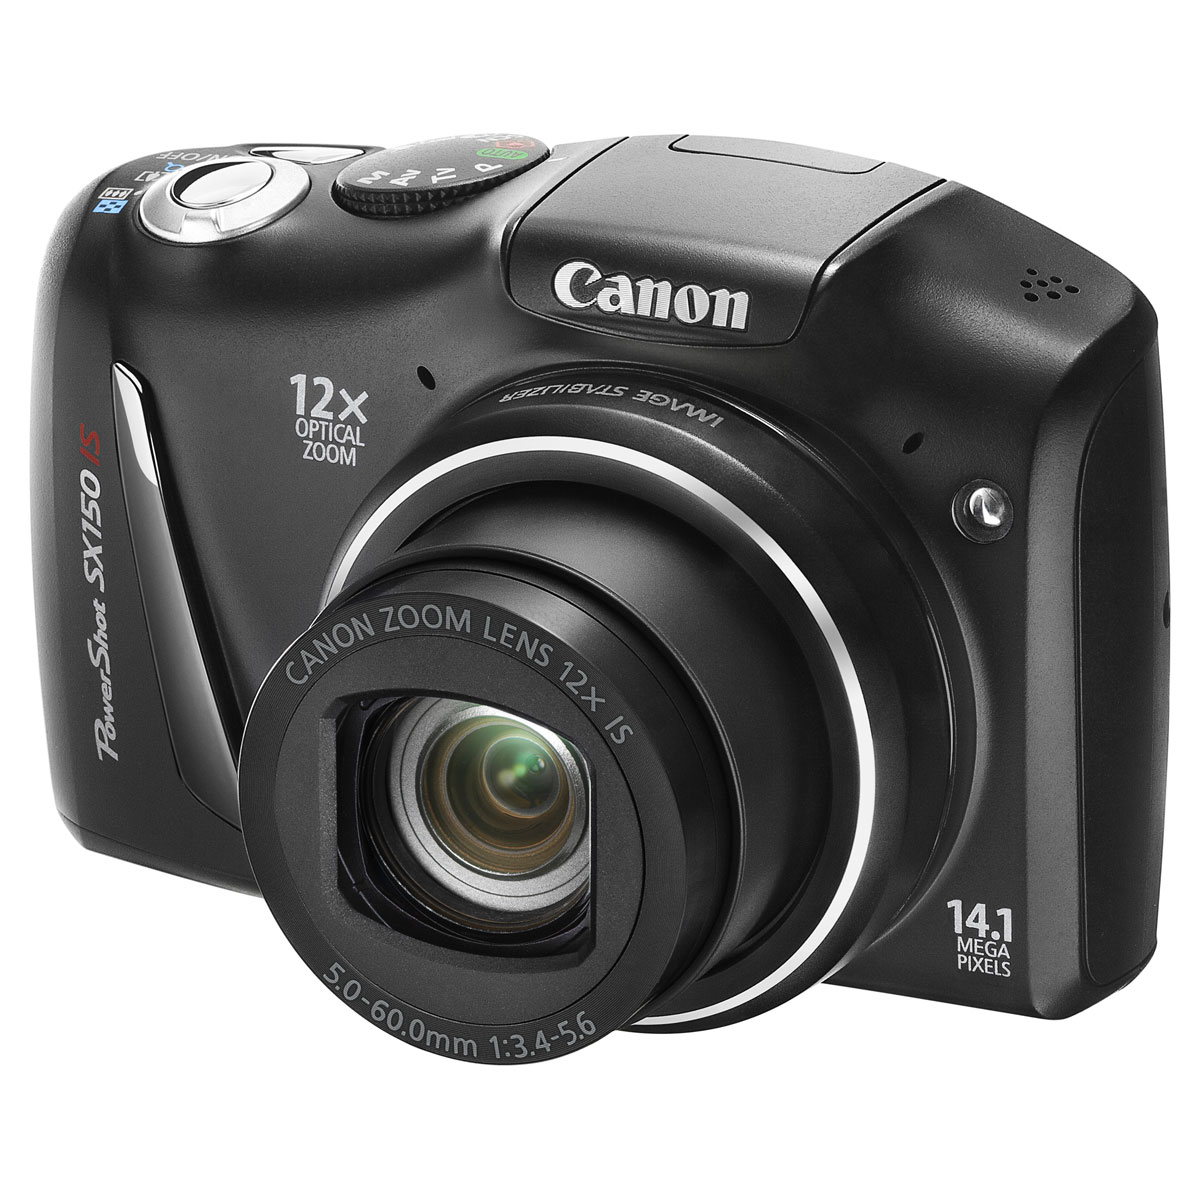 Appareil photo numérique Canon PowerShot SX150 IS Noir Appareil photo 14,1 MP - Zoom 12x - Vidéo HD